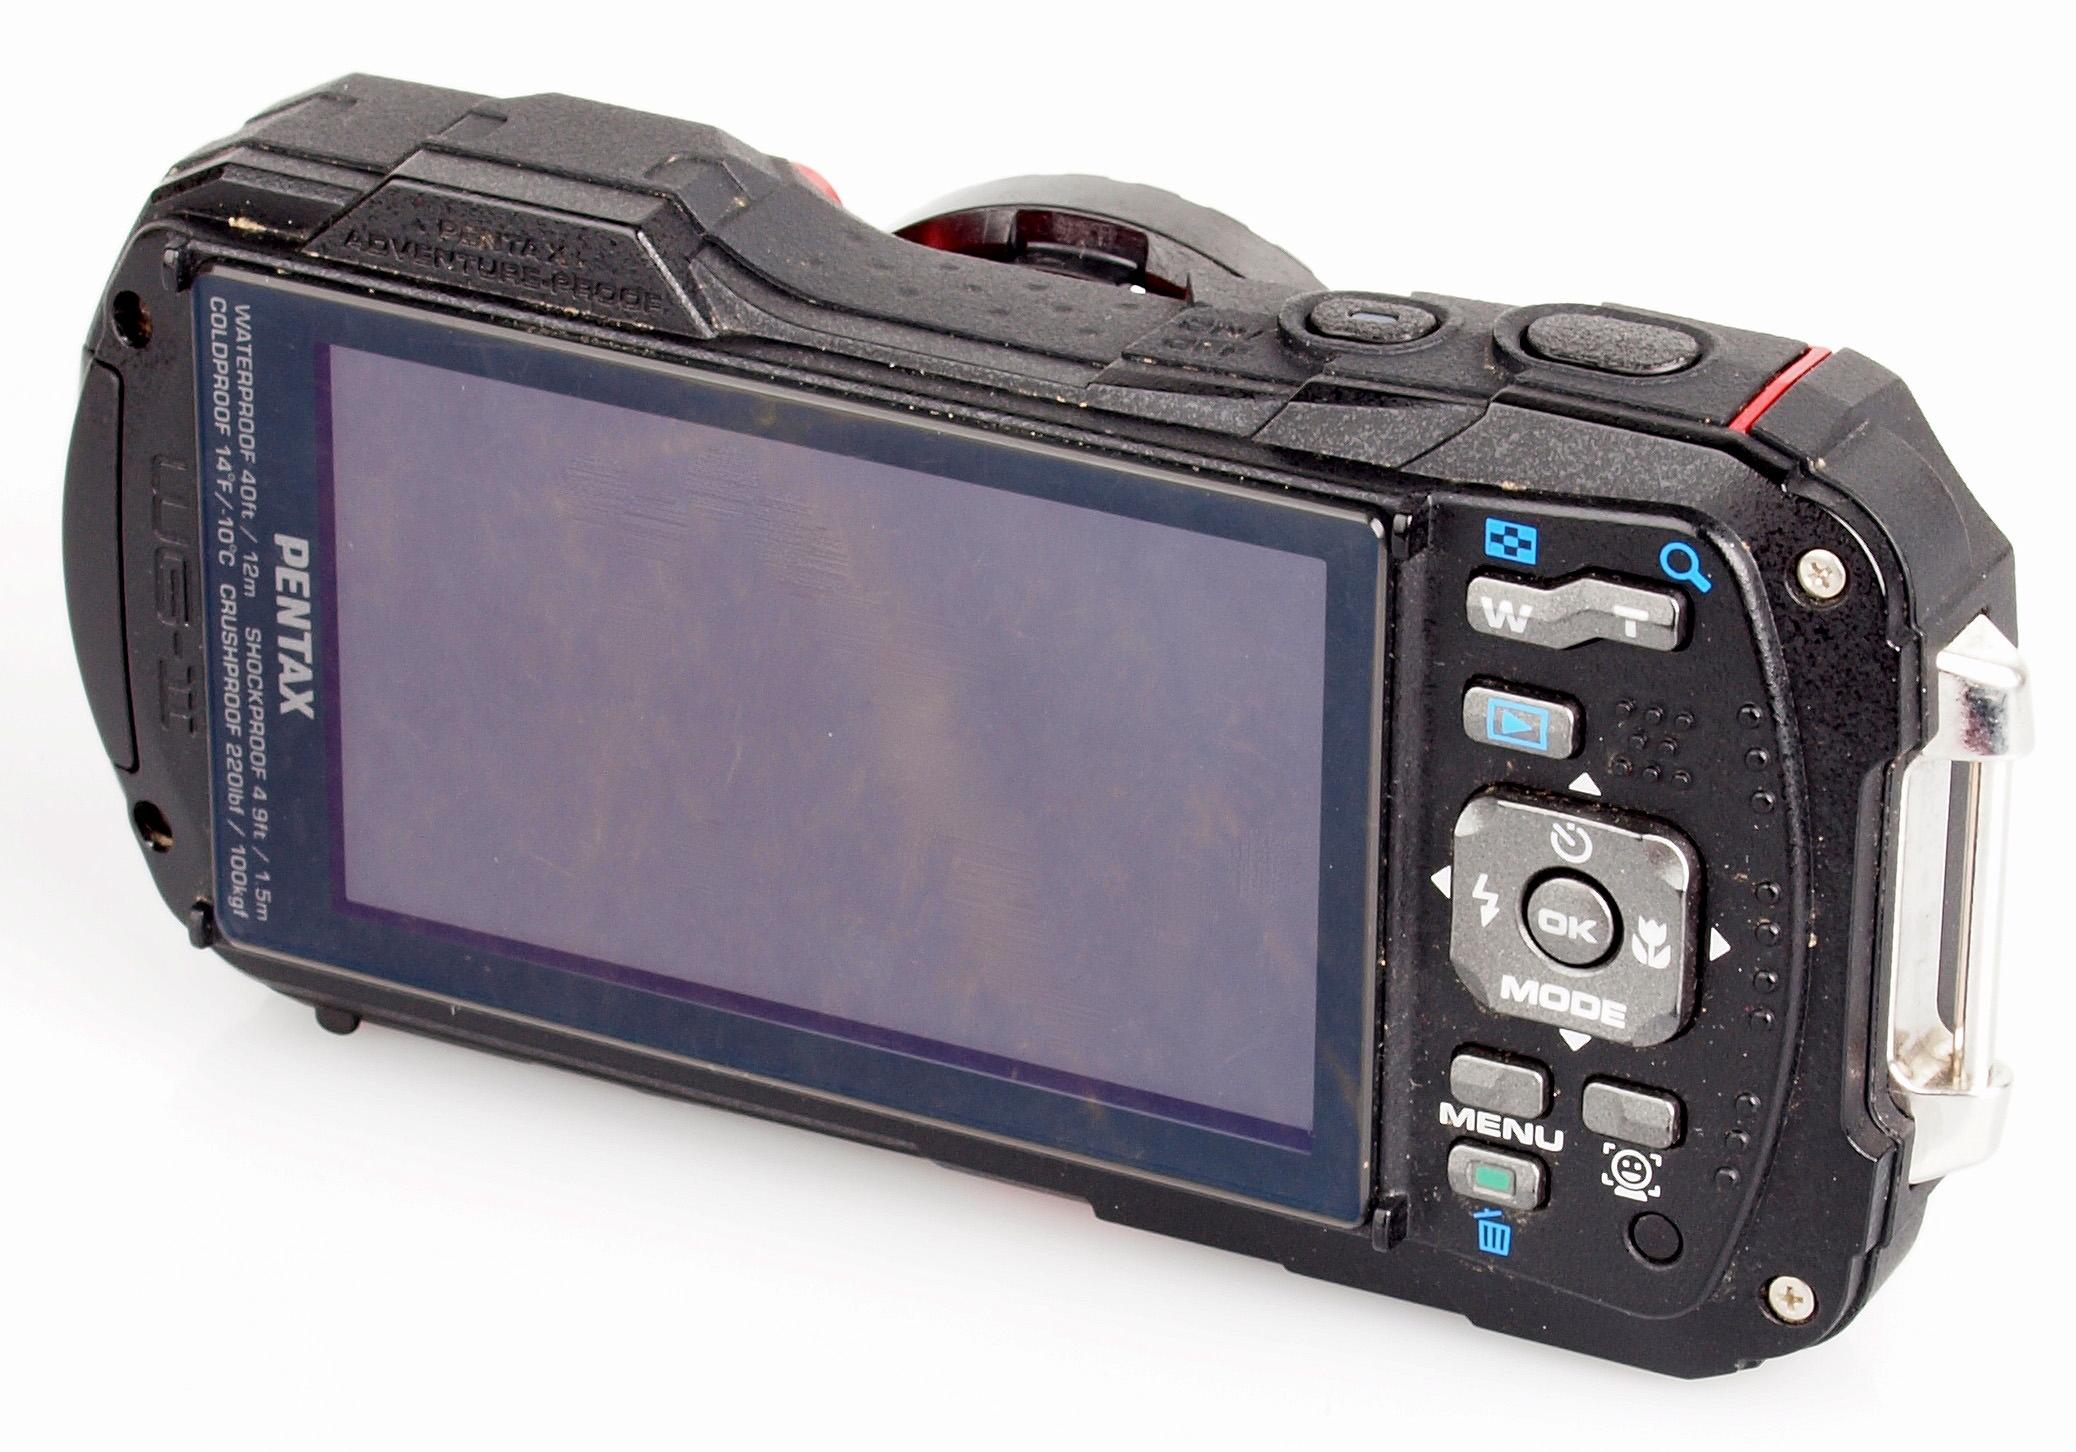 pentax optio wg 2 digital camera review rh ephotozine com Pentax Optio WG-2 Sale Target Pentax Optio WG-2